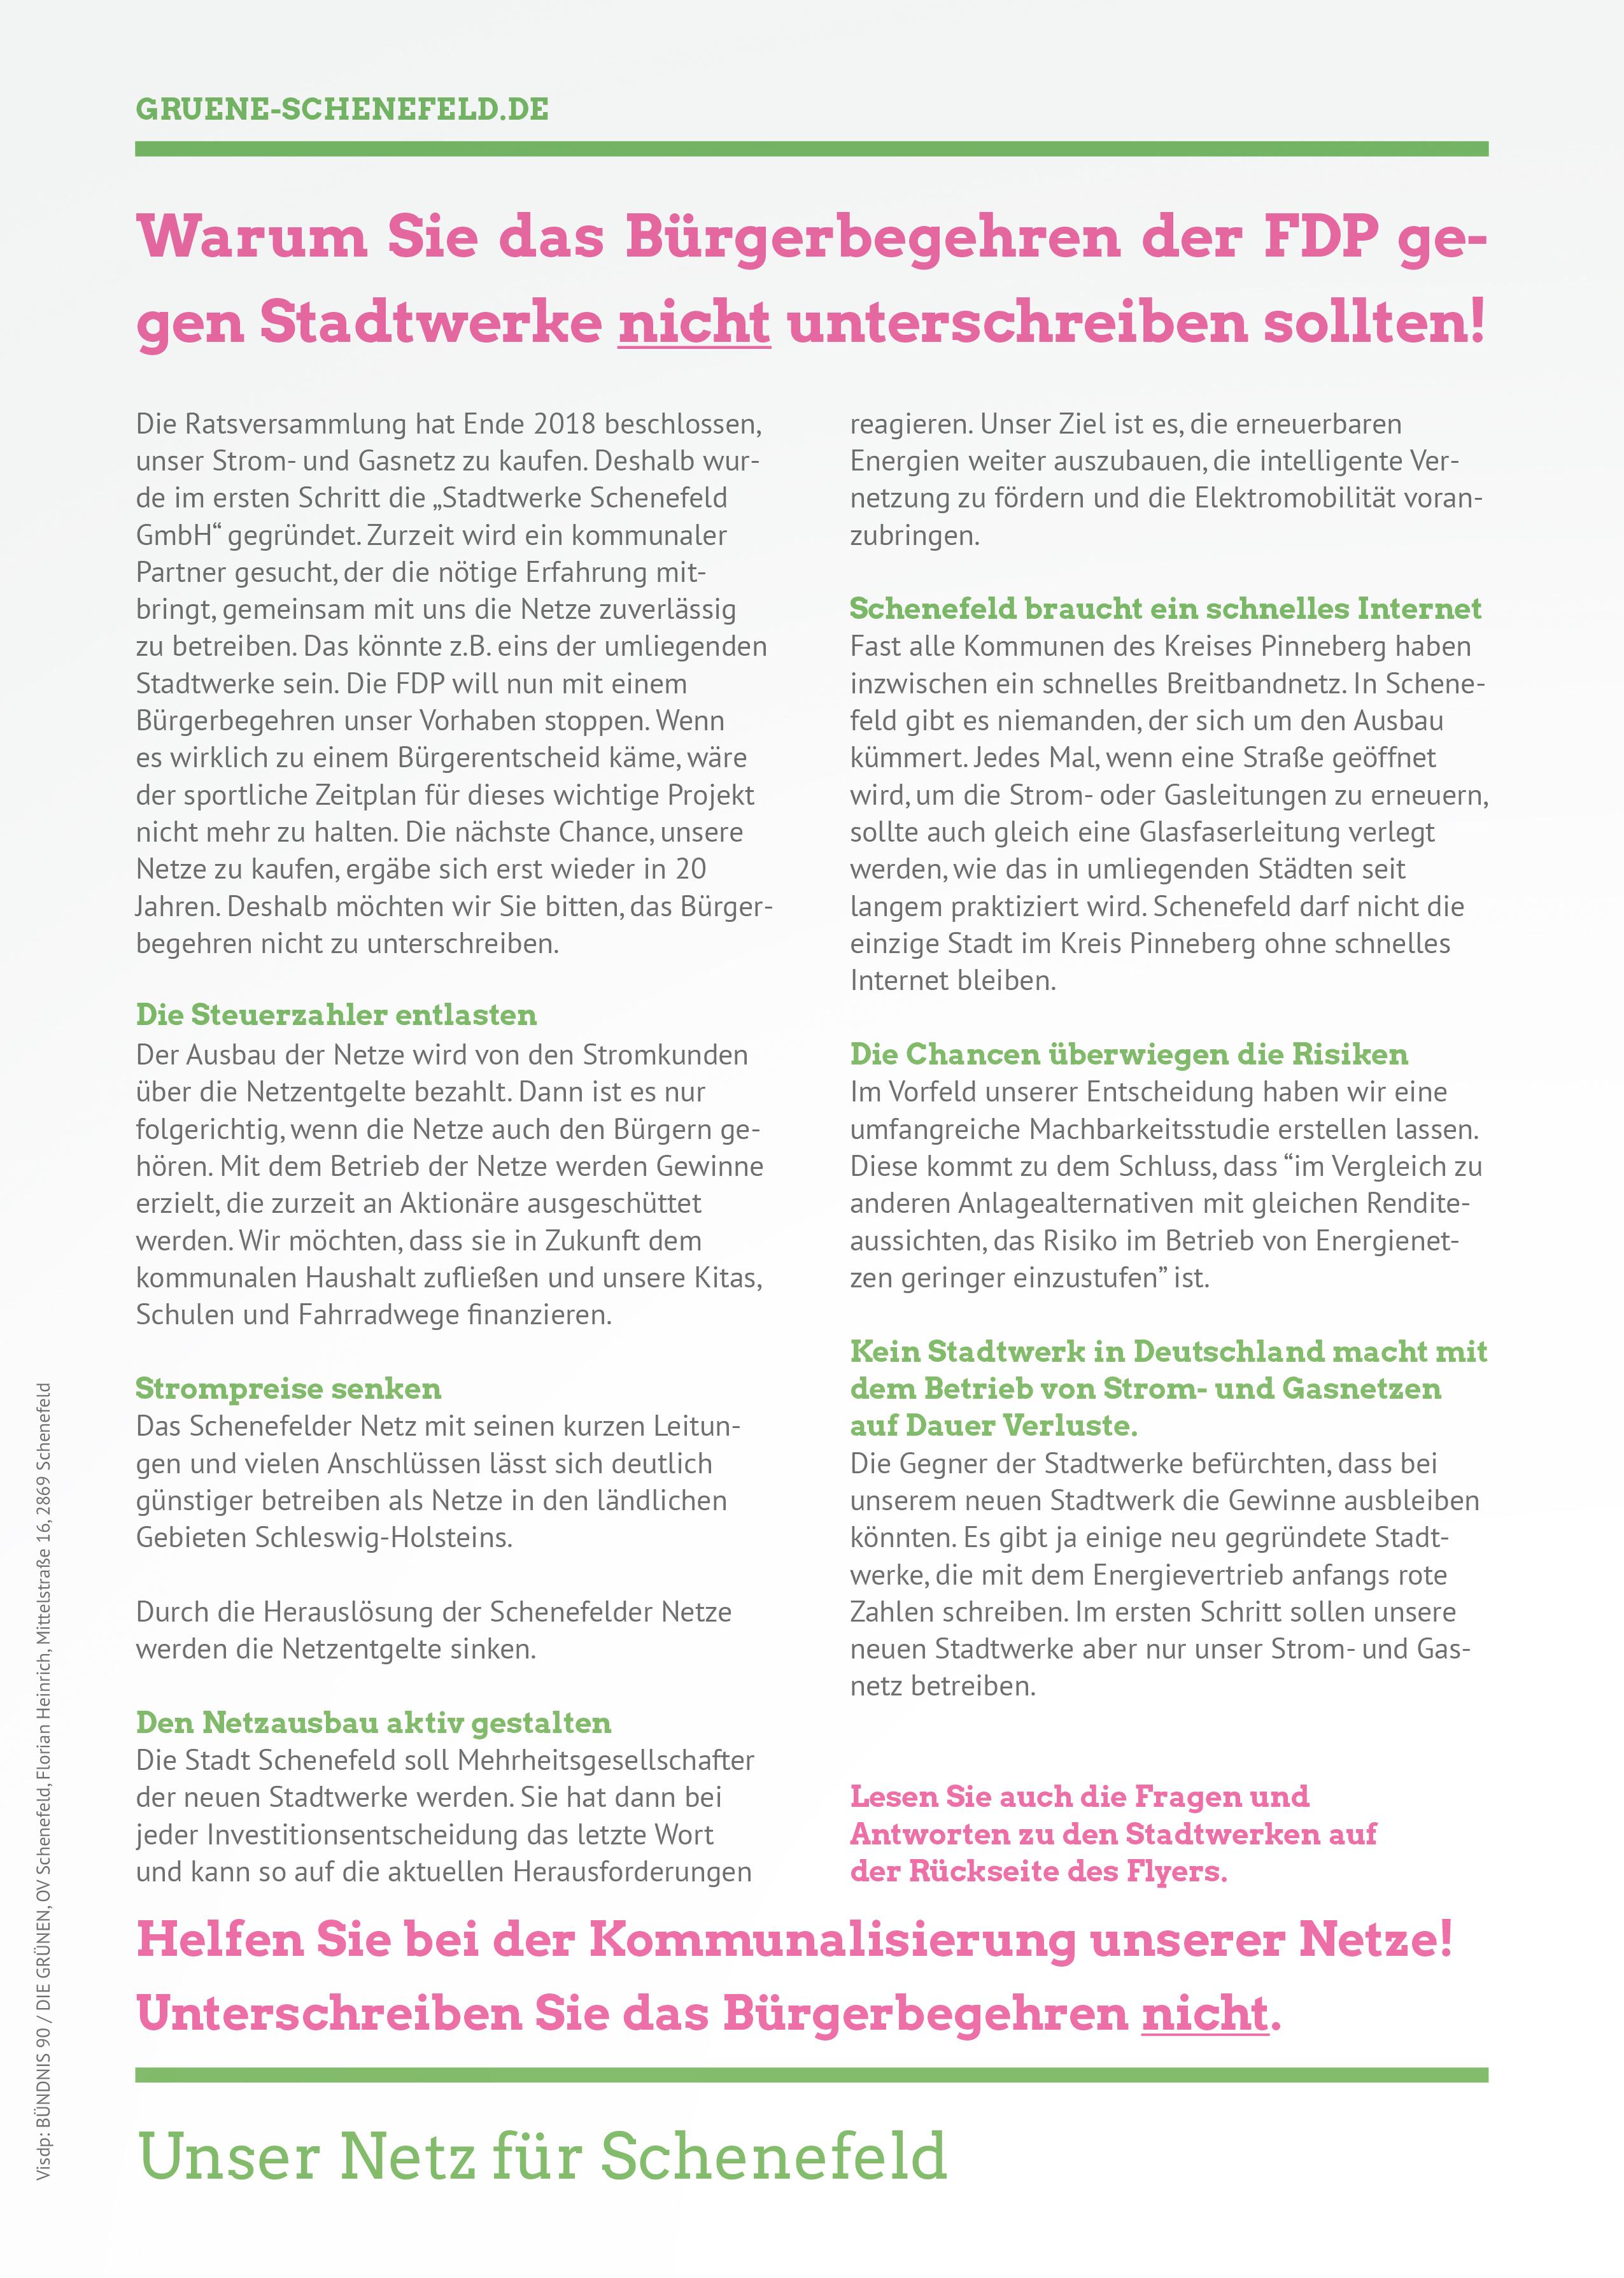 Fragen & Antworten zur Gründung von Stadtwerken